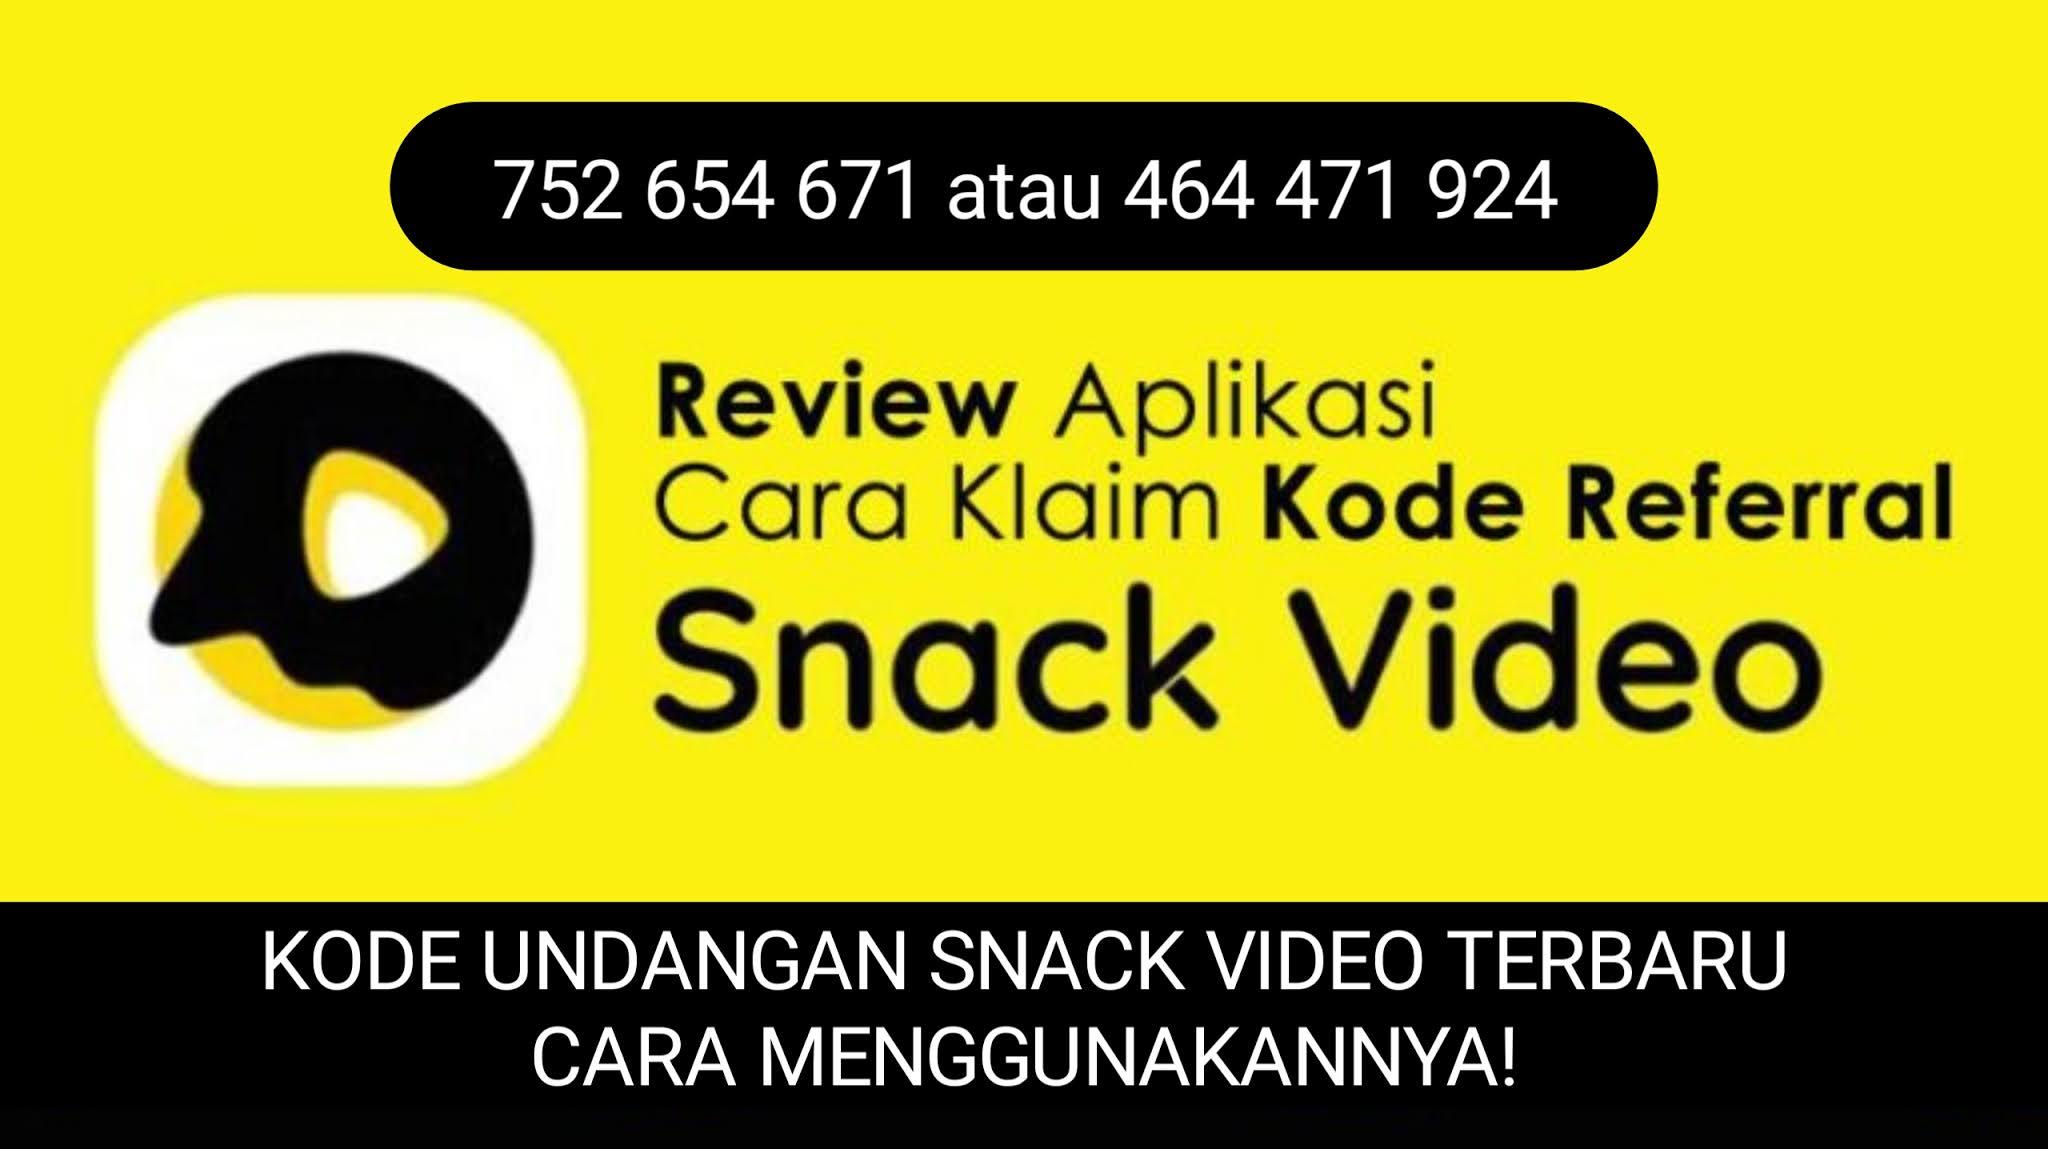 Kode Undangan Snack Video Terbaru September 2021   Cara Menggunakannya!